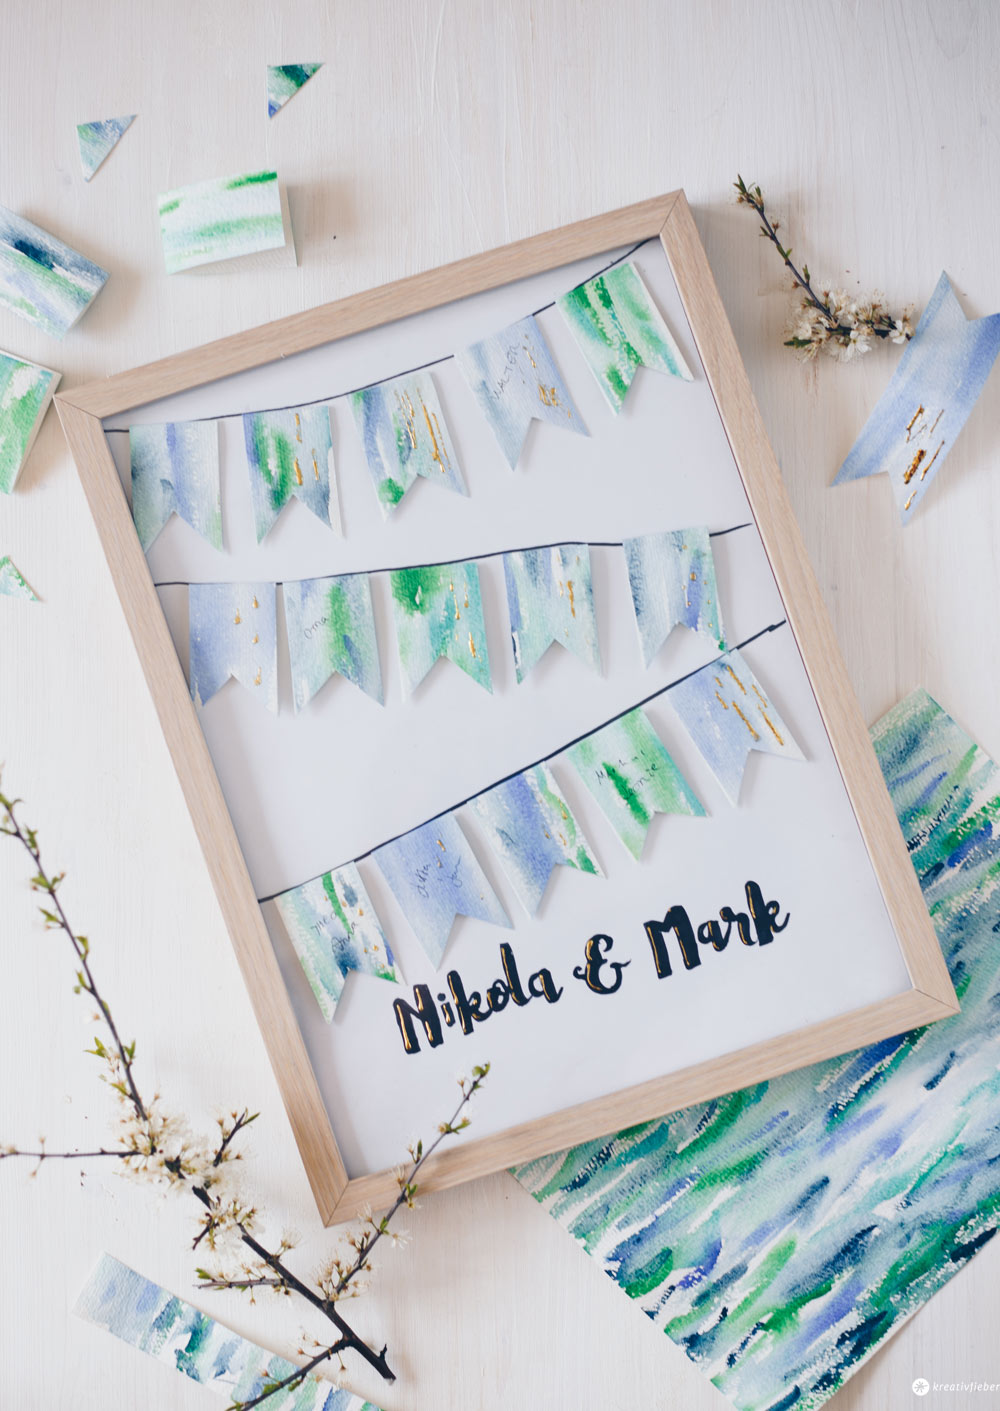 DIY Gästebuchposter zur Hochzeit selbermachen - Wimpelkette mit geheimen Botschaften und Aquarell Wasserfarben Look - DIY Hochzeitsgeschenk